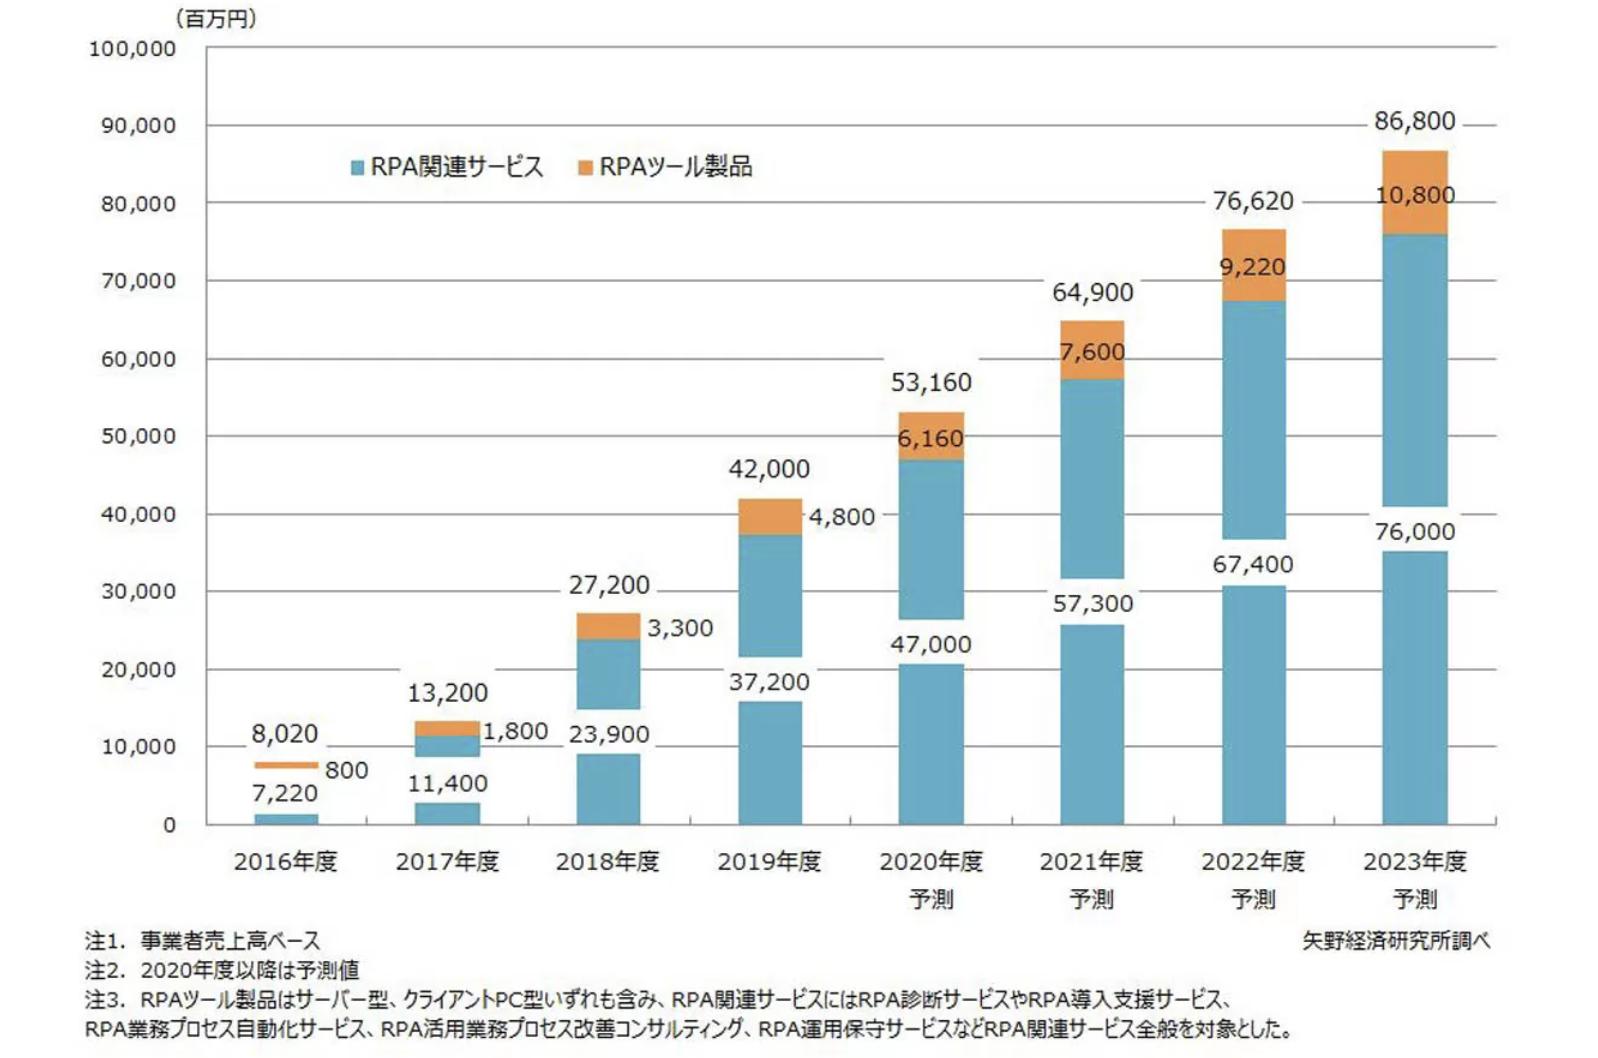 RPA市場規模